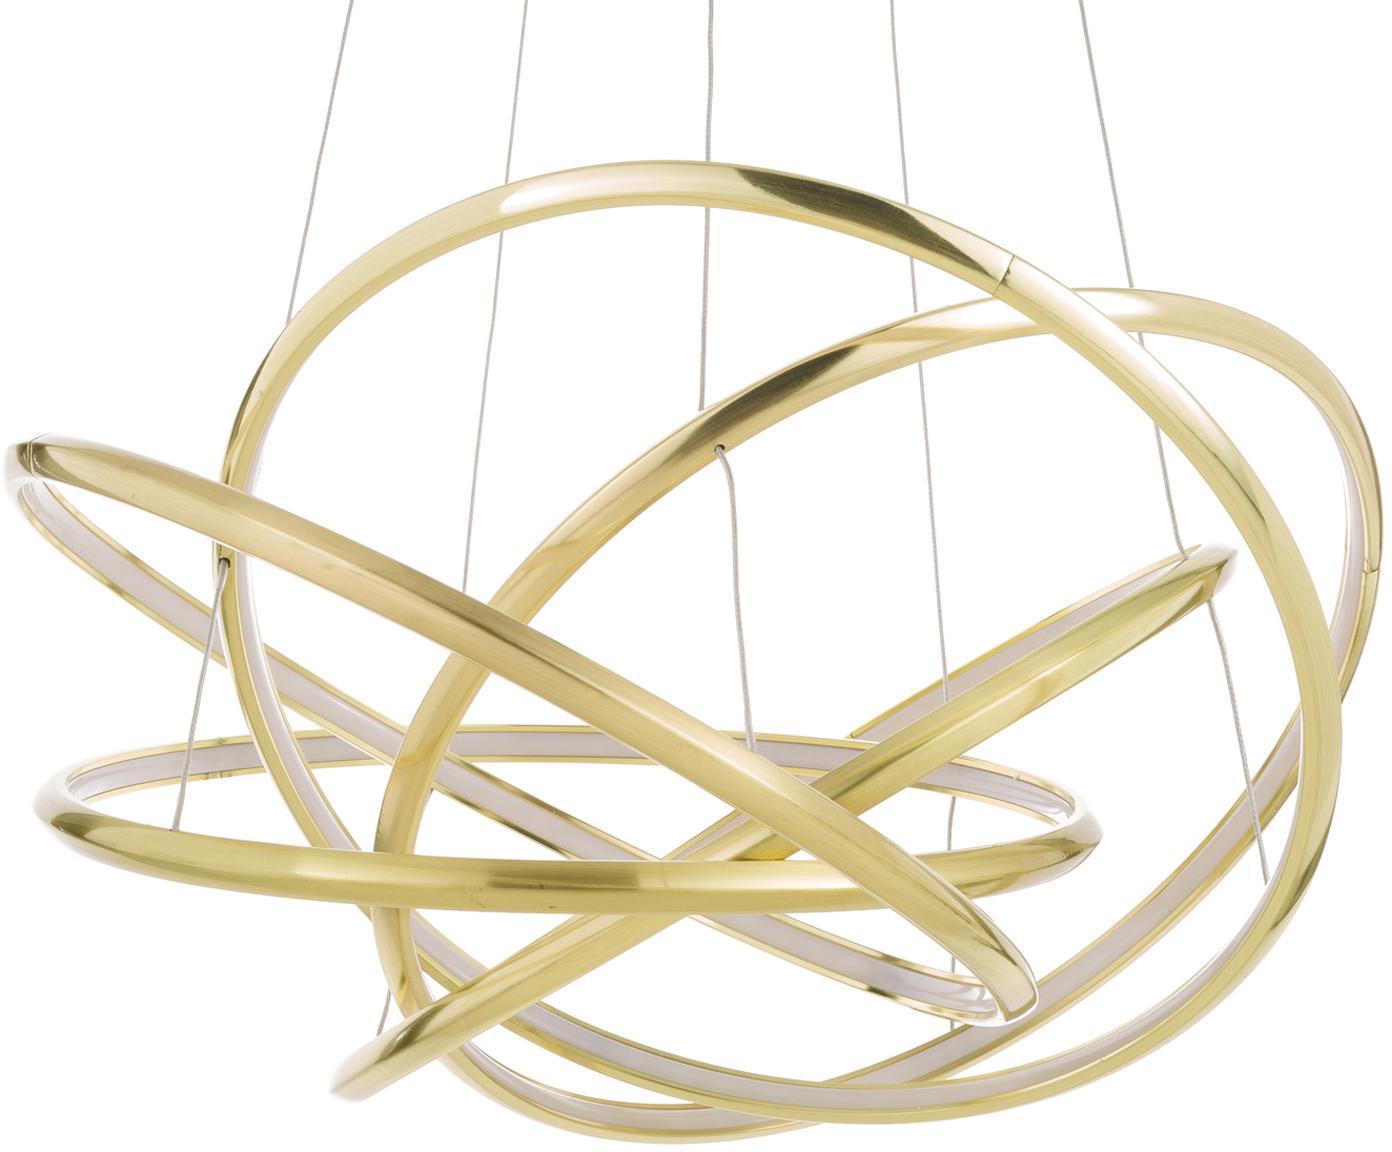 Lámpara de techo LED Saturn, estilo morderno, Pantalla: aluminio con pintura en p, Anclaje: acero, latón, Dorado, Ø 72 x Al 75 cm